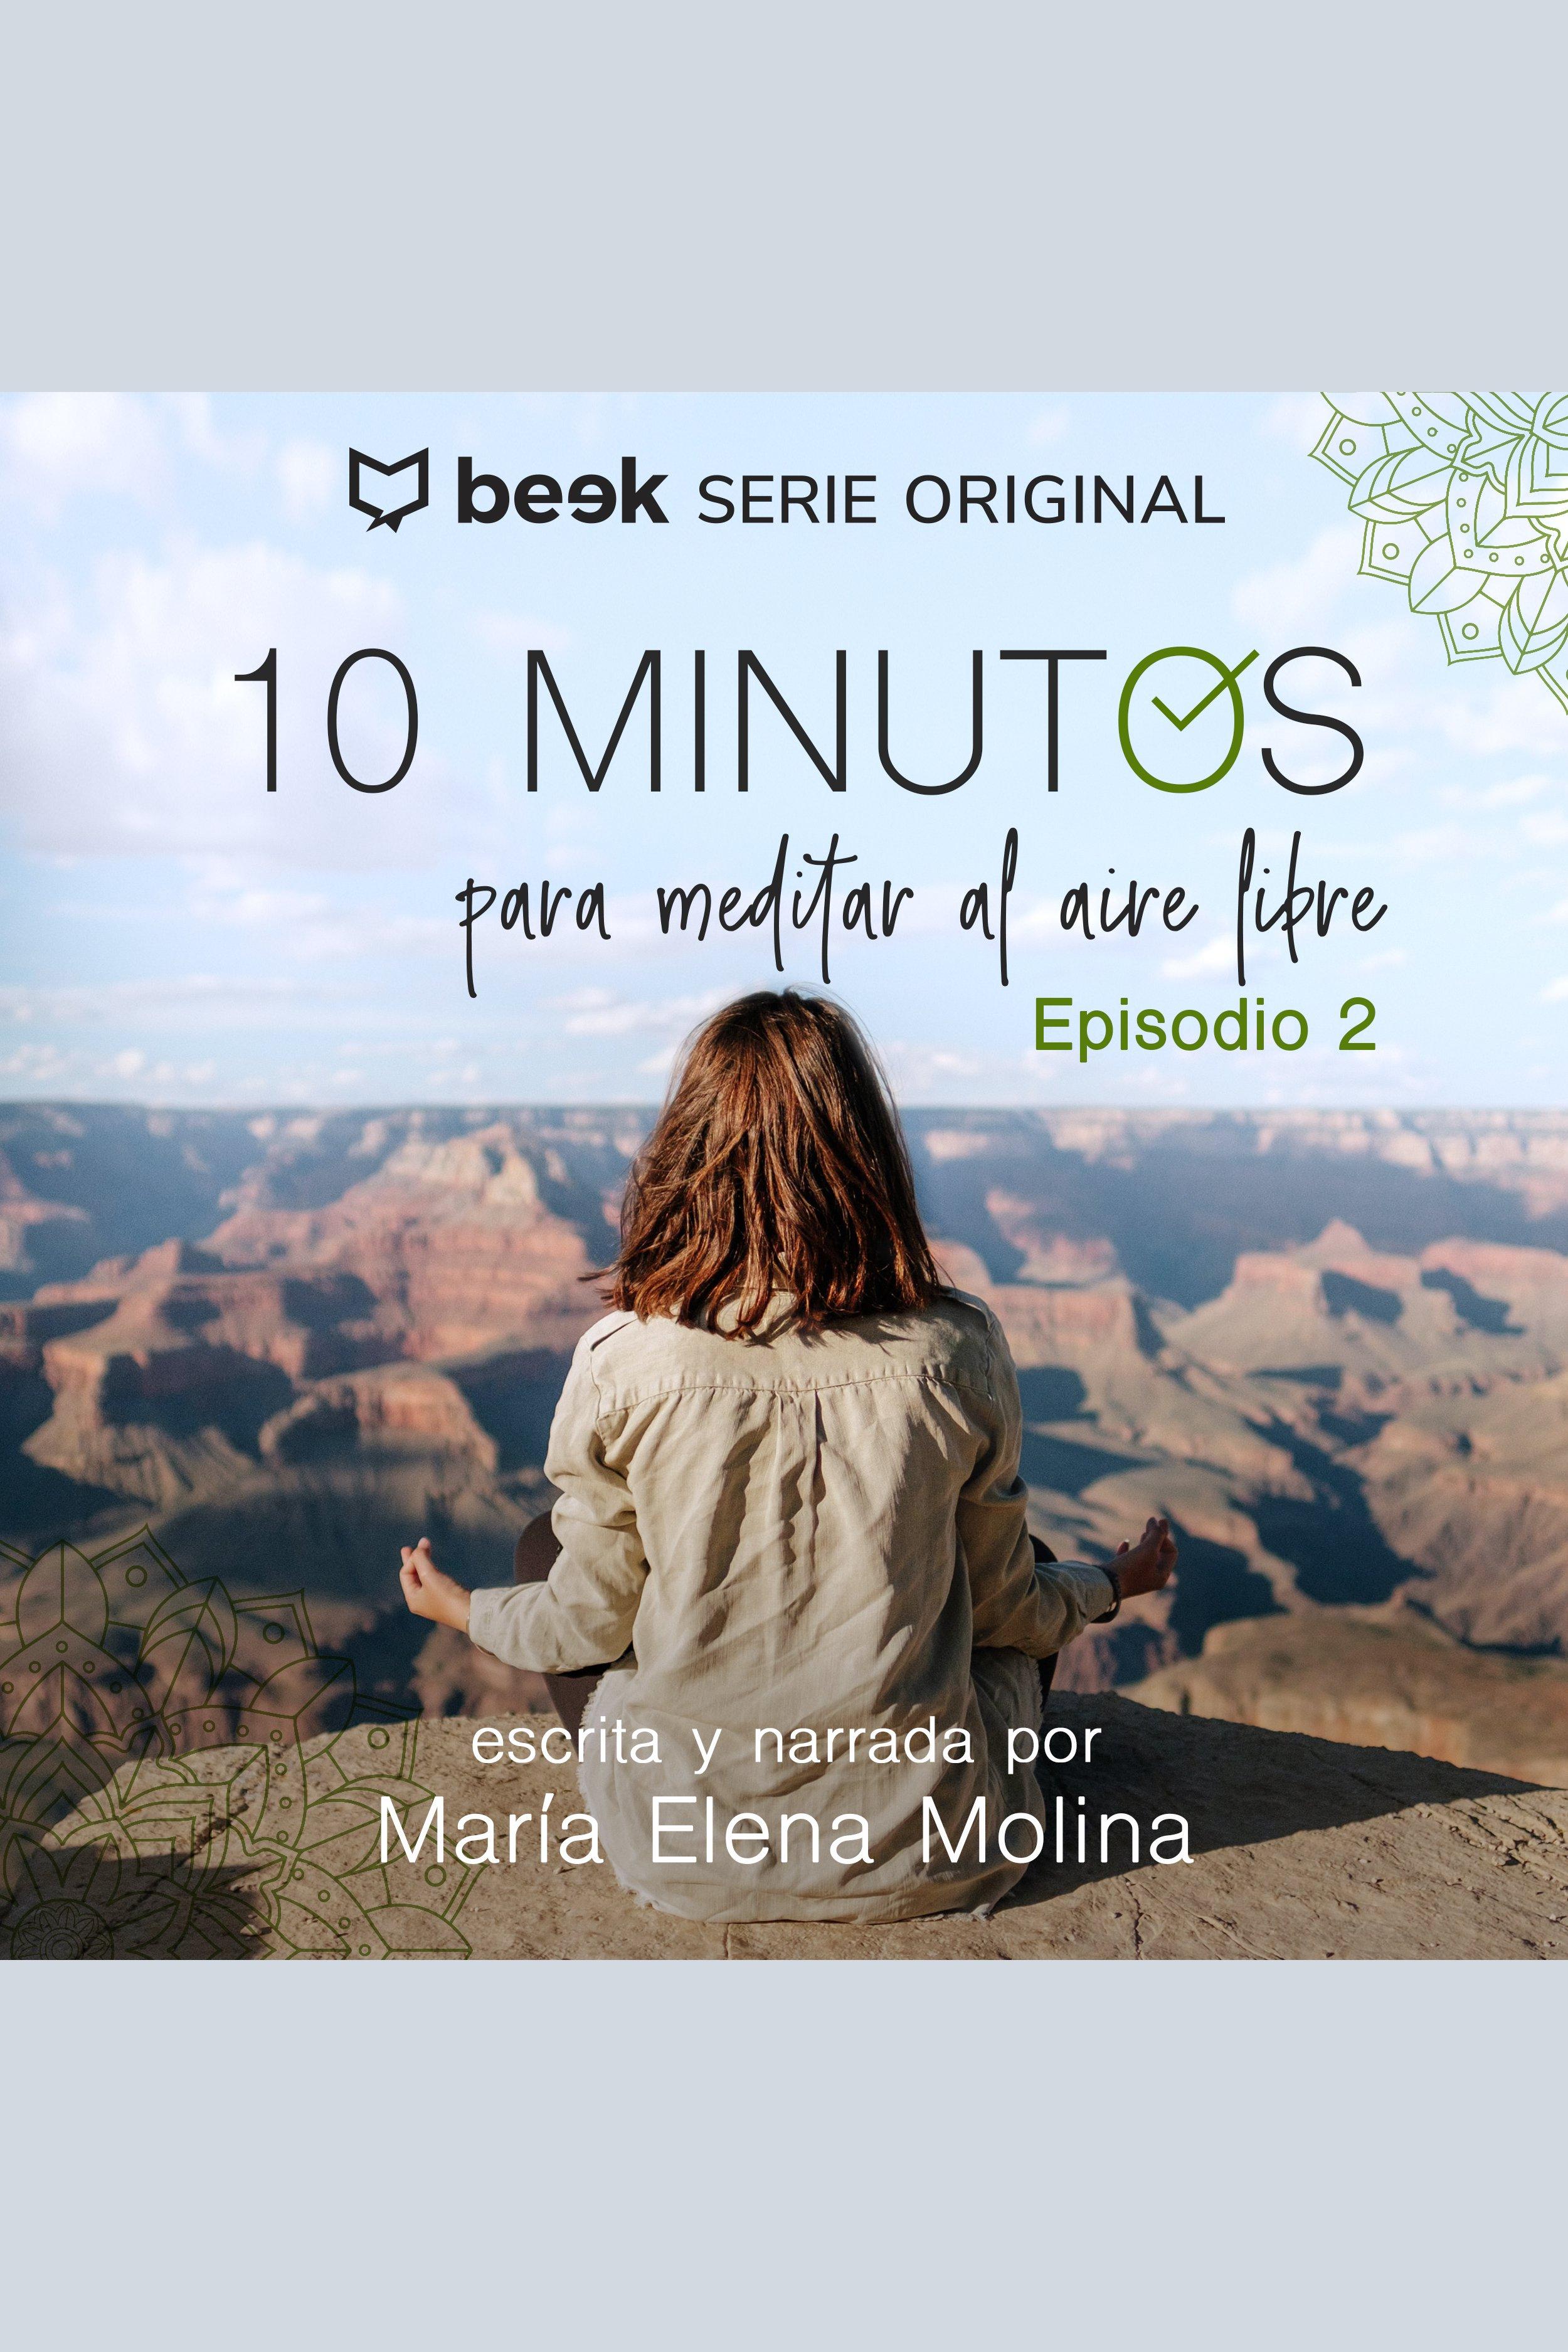 Esta es la portada del audiolibro 10 minutos para meditar al aire libre